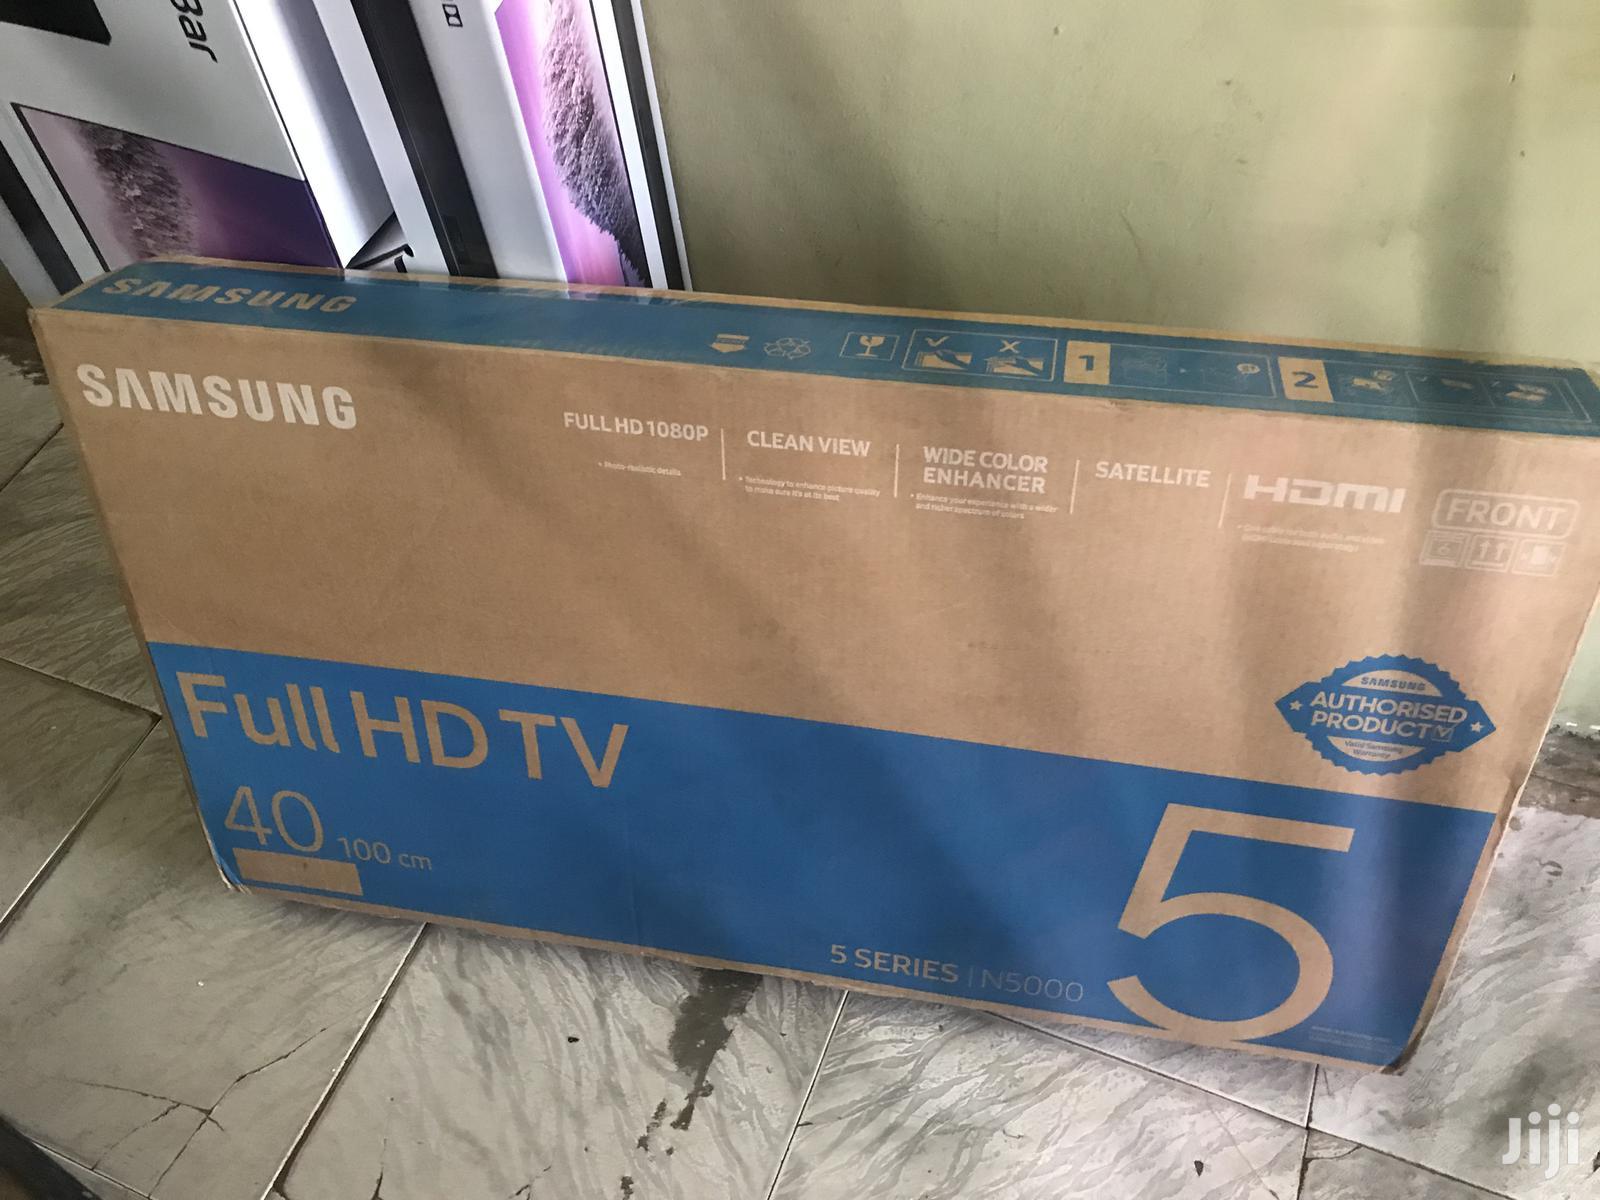 Samsung 40 Inch Full HD LED TV UA40N5000